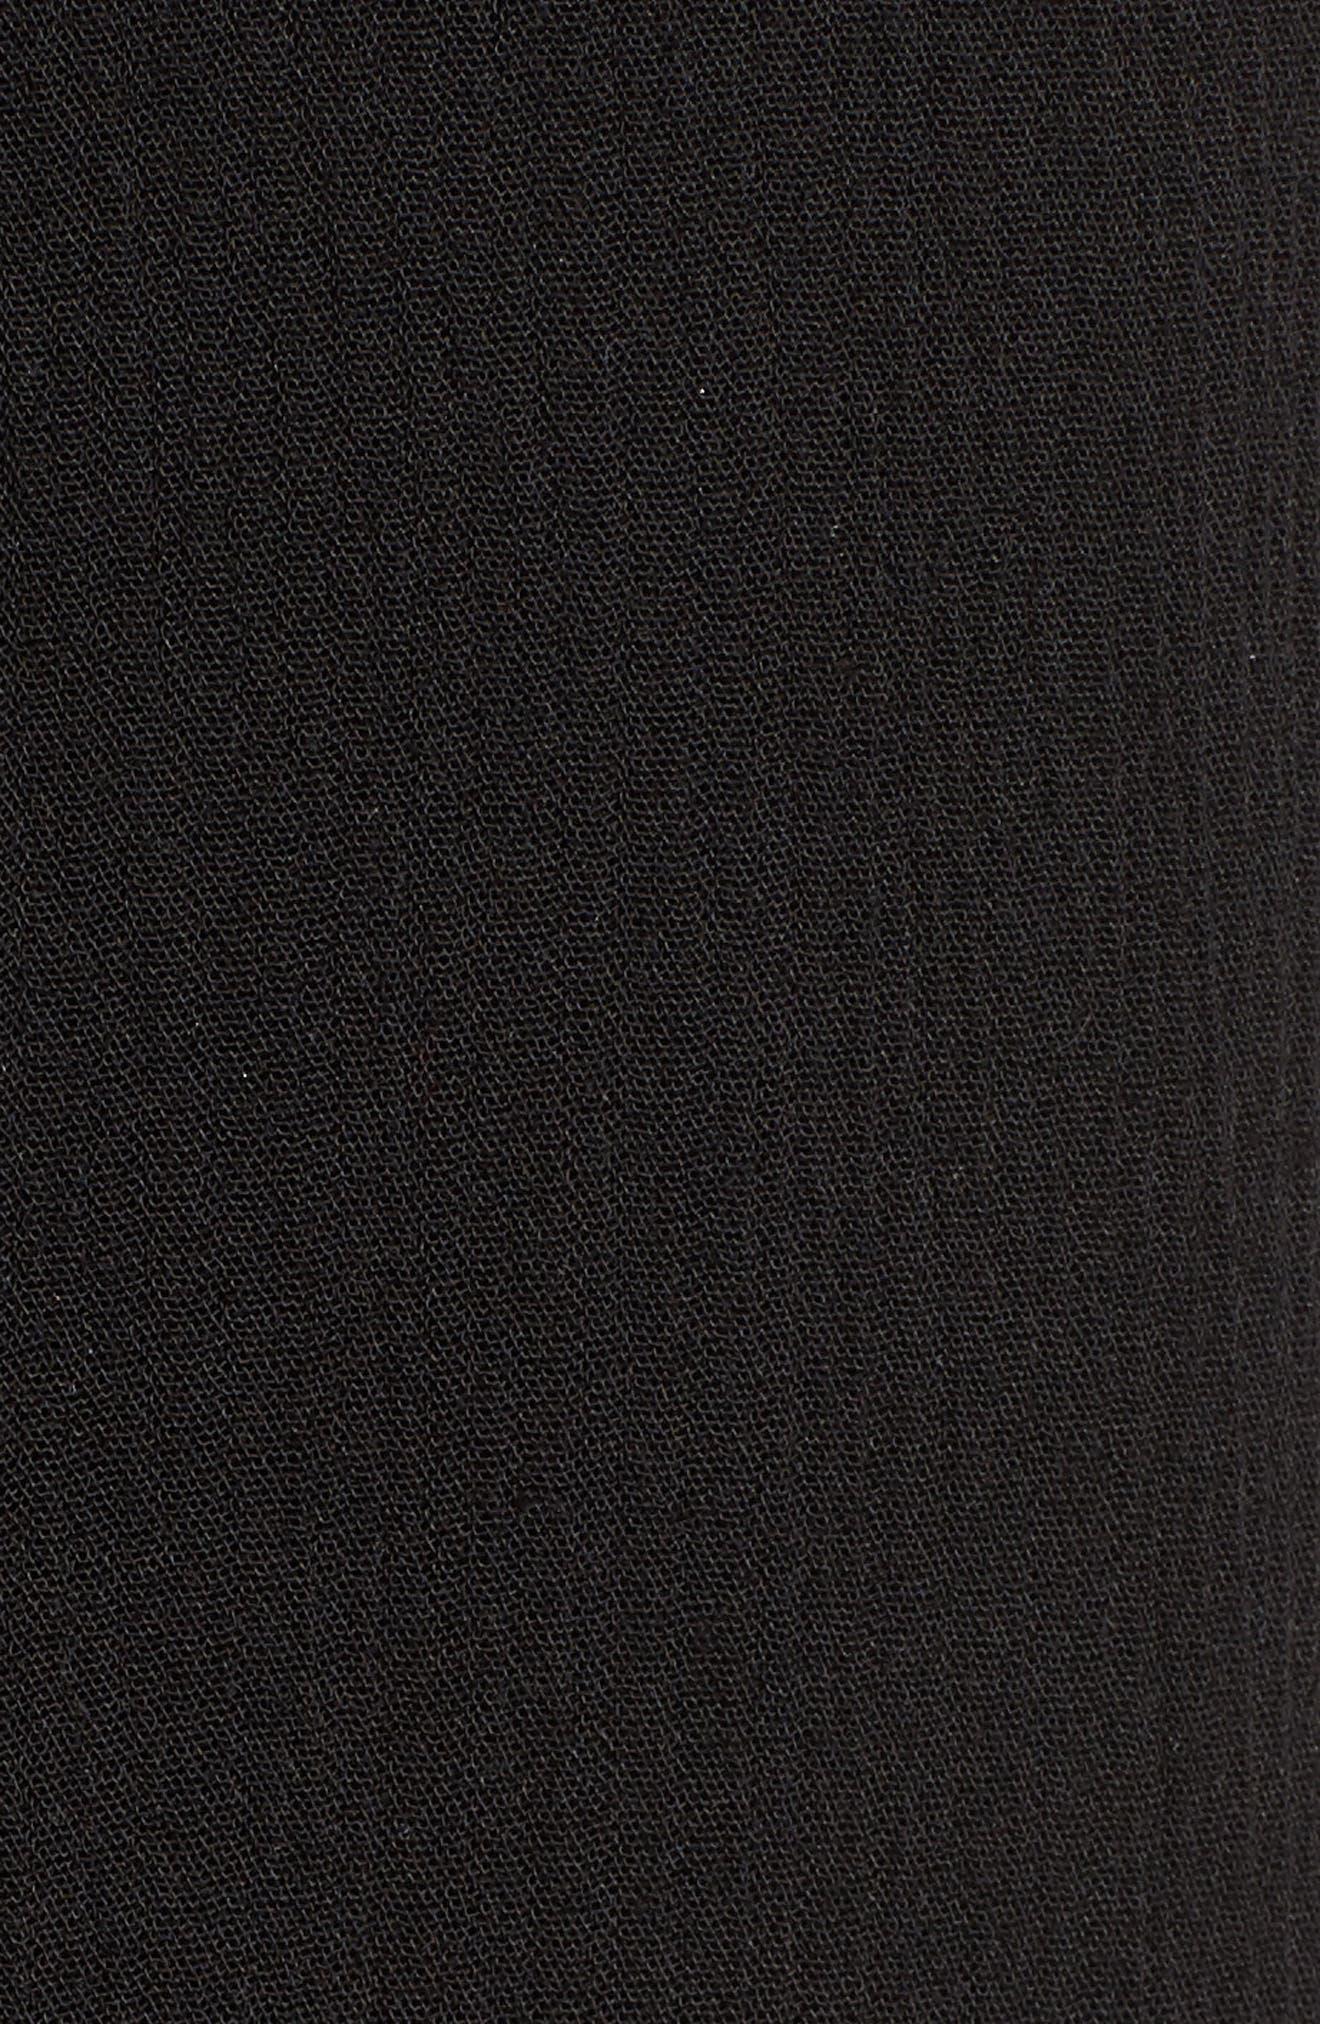 Slit Maxi Skirt,                             Alternate thumbnail 5, color,                             001